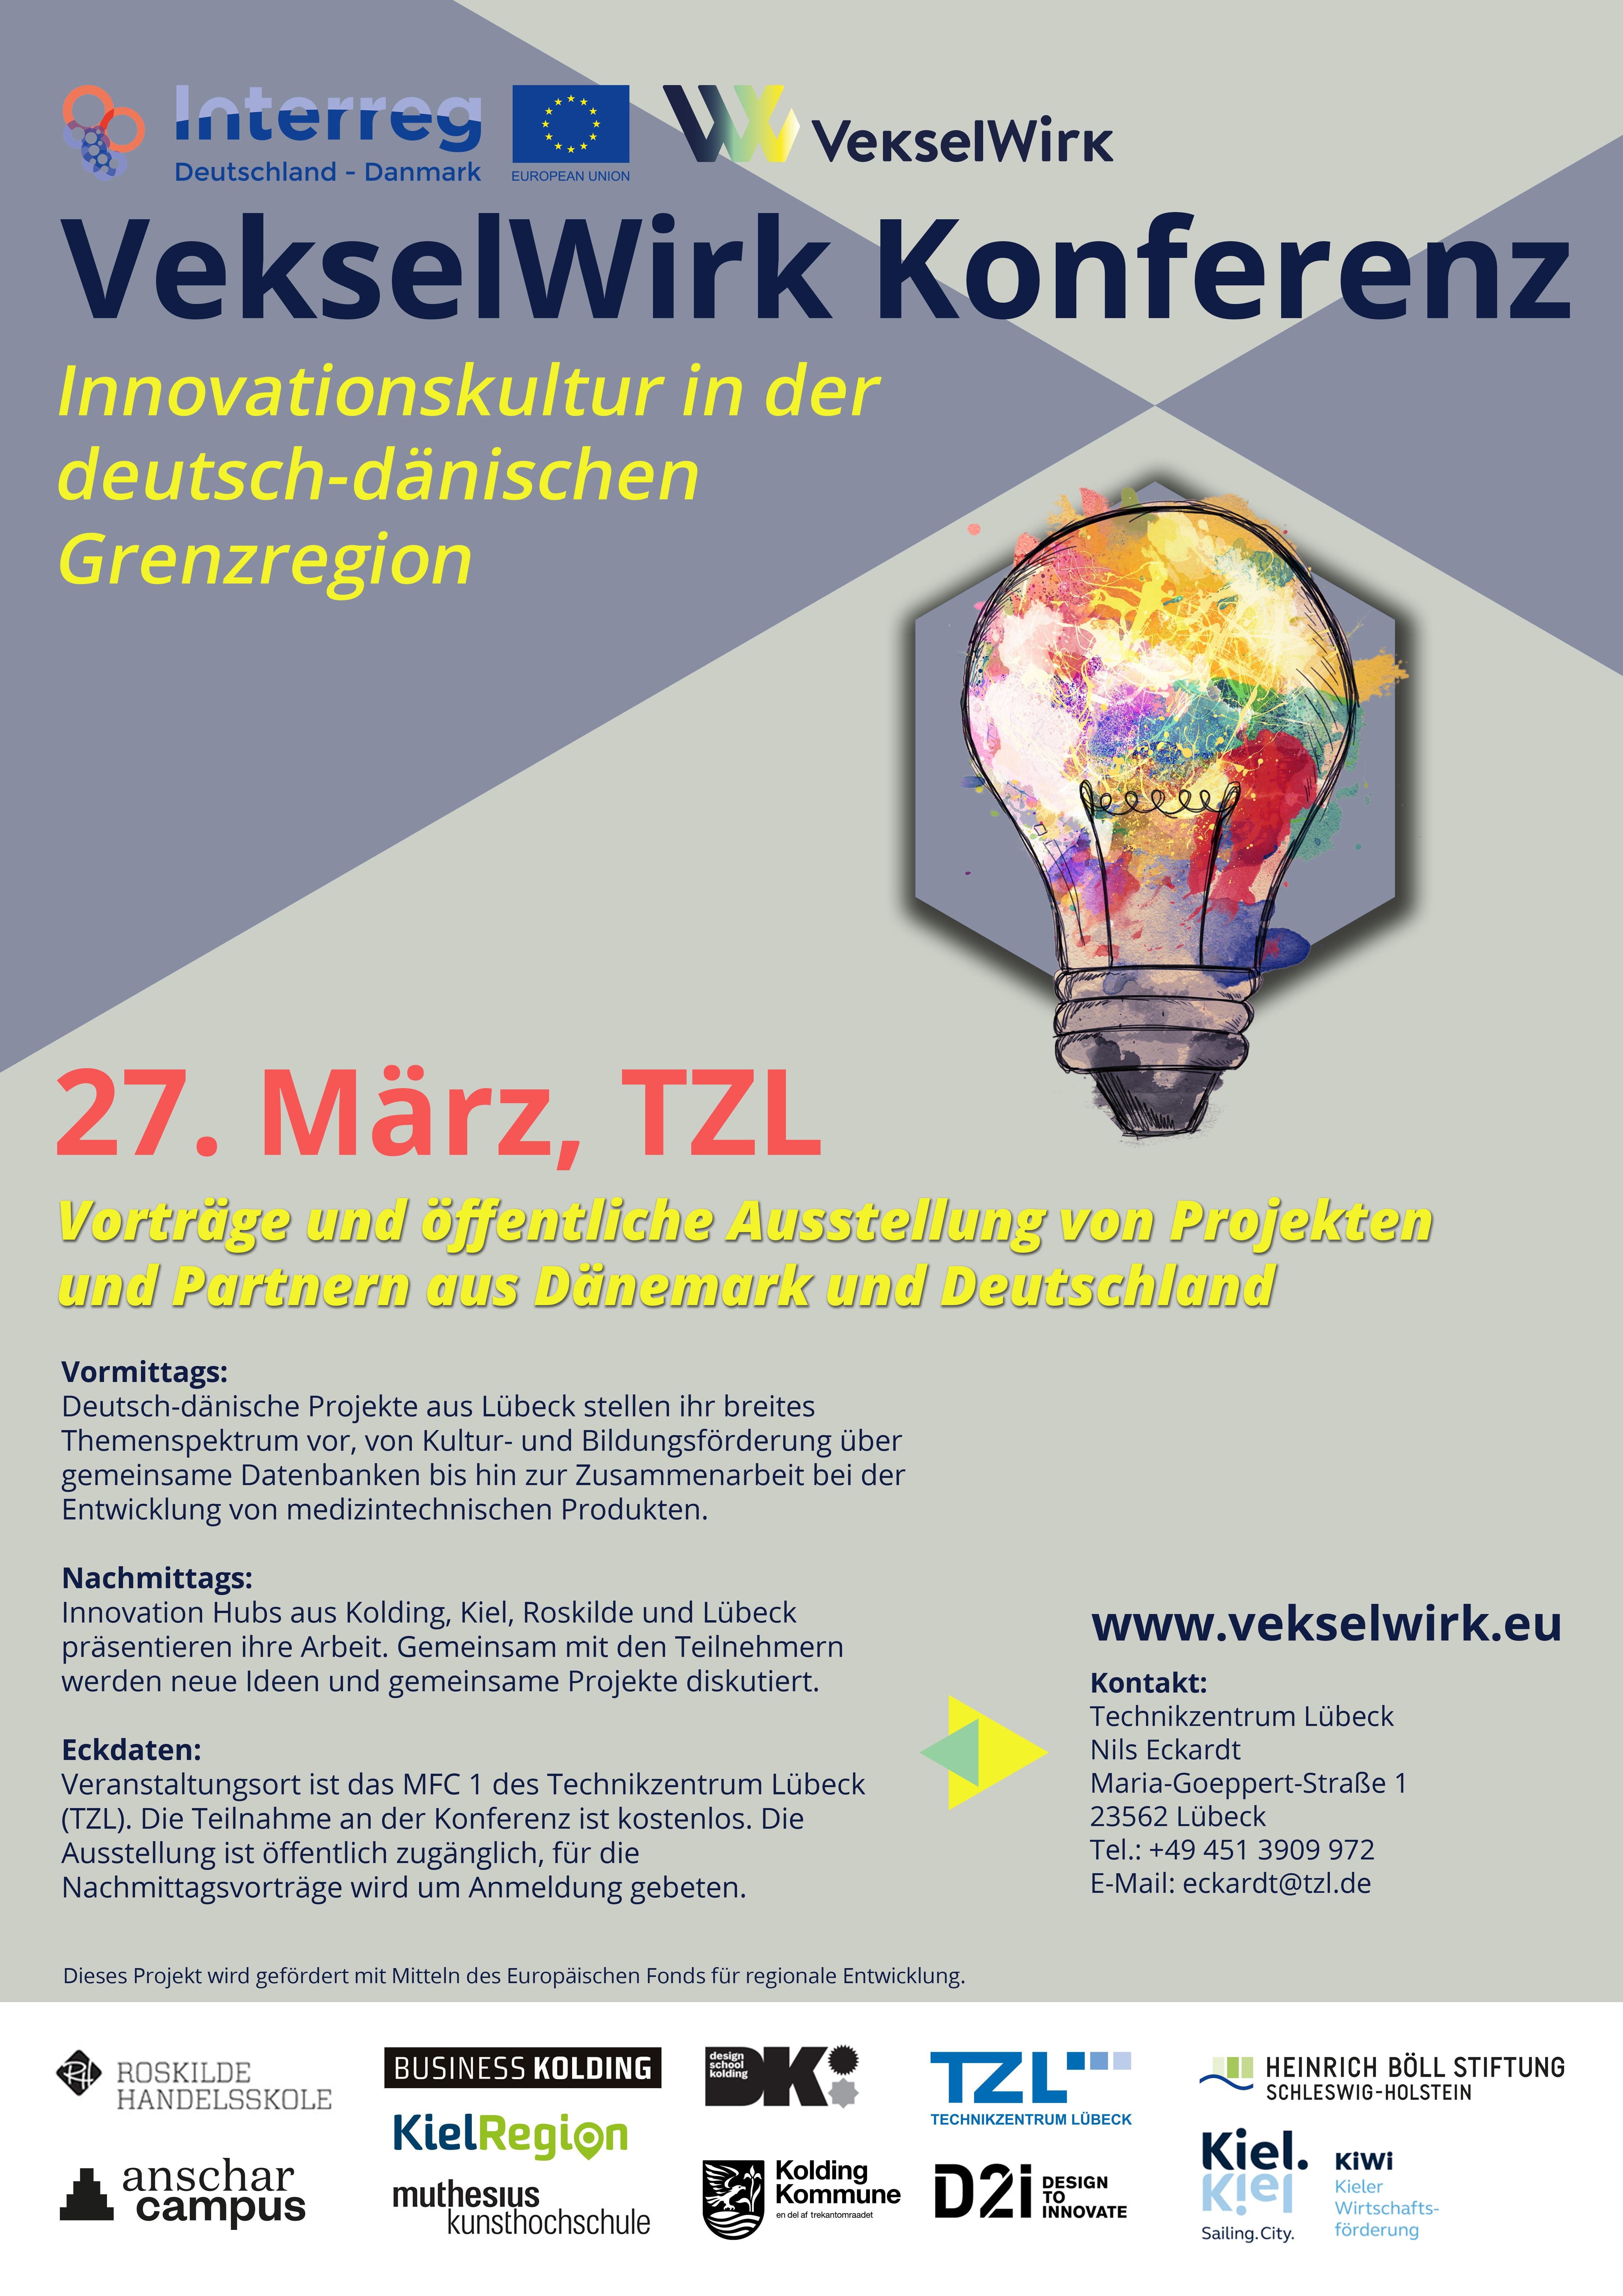 Plakat VekselWirk Konferenz